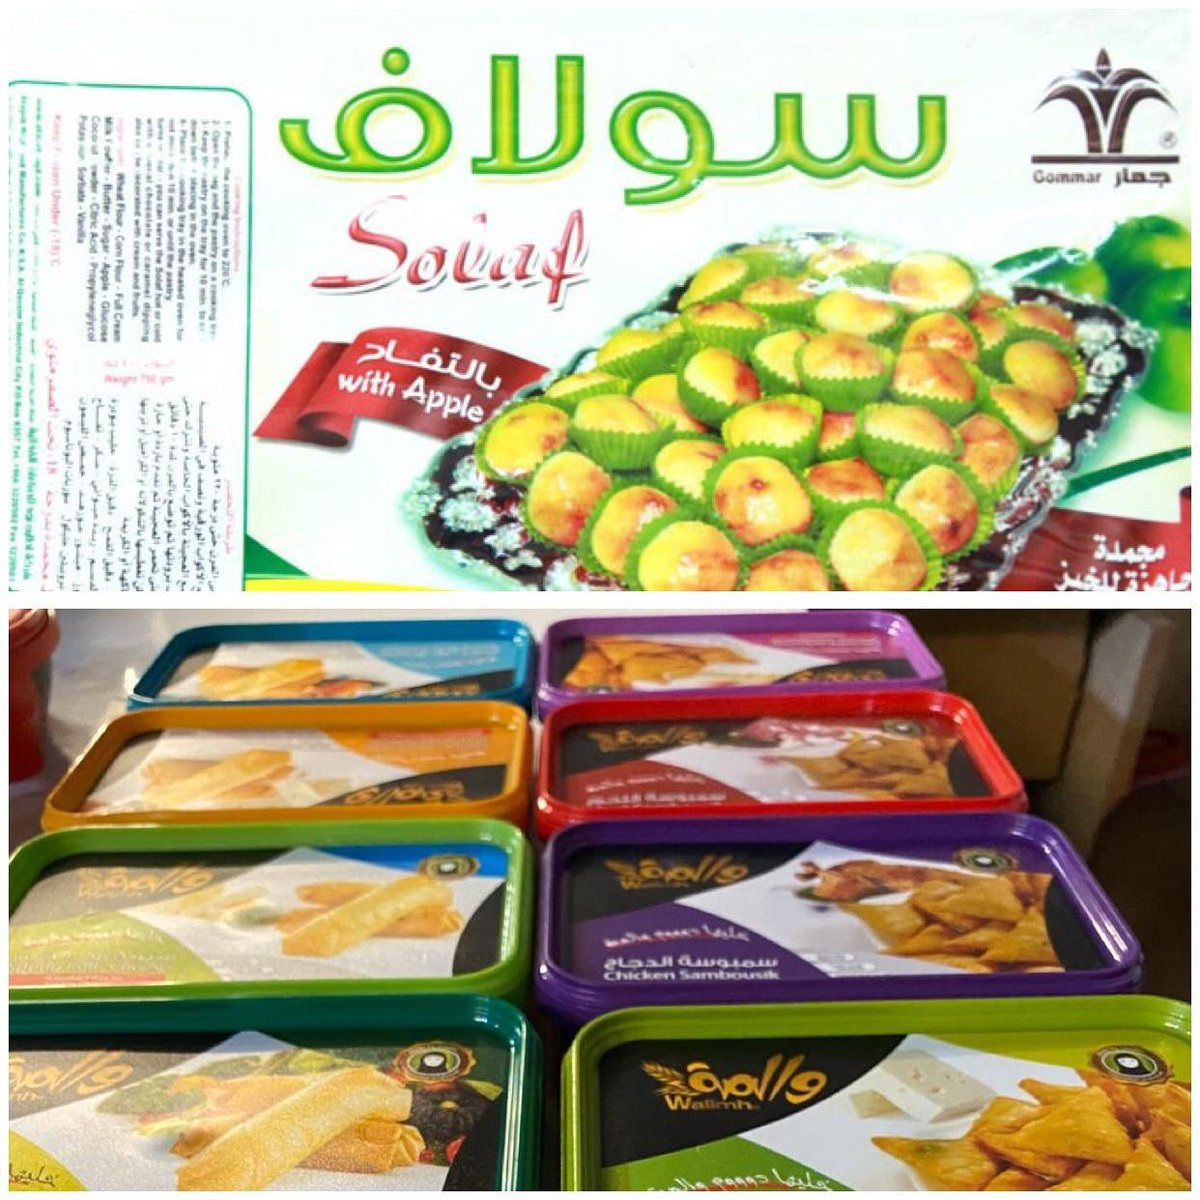 شركة شموع الماضي On Twitter يوجد الأن مفرزنات والمه وسولاف بالمتجر رمضان رمضان كريم صيام الاثنين صيام الخميس Https T Co 609tfssoa9 Https T Co Xf8s080igc